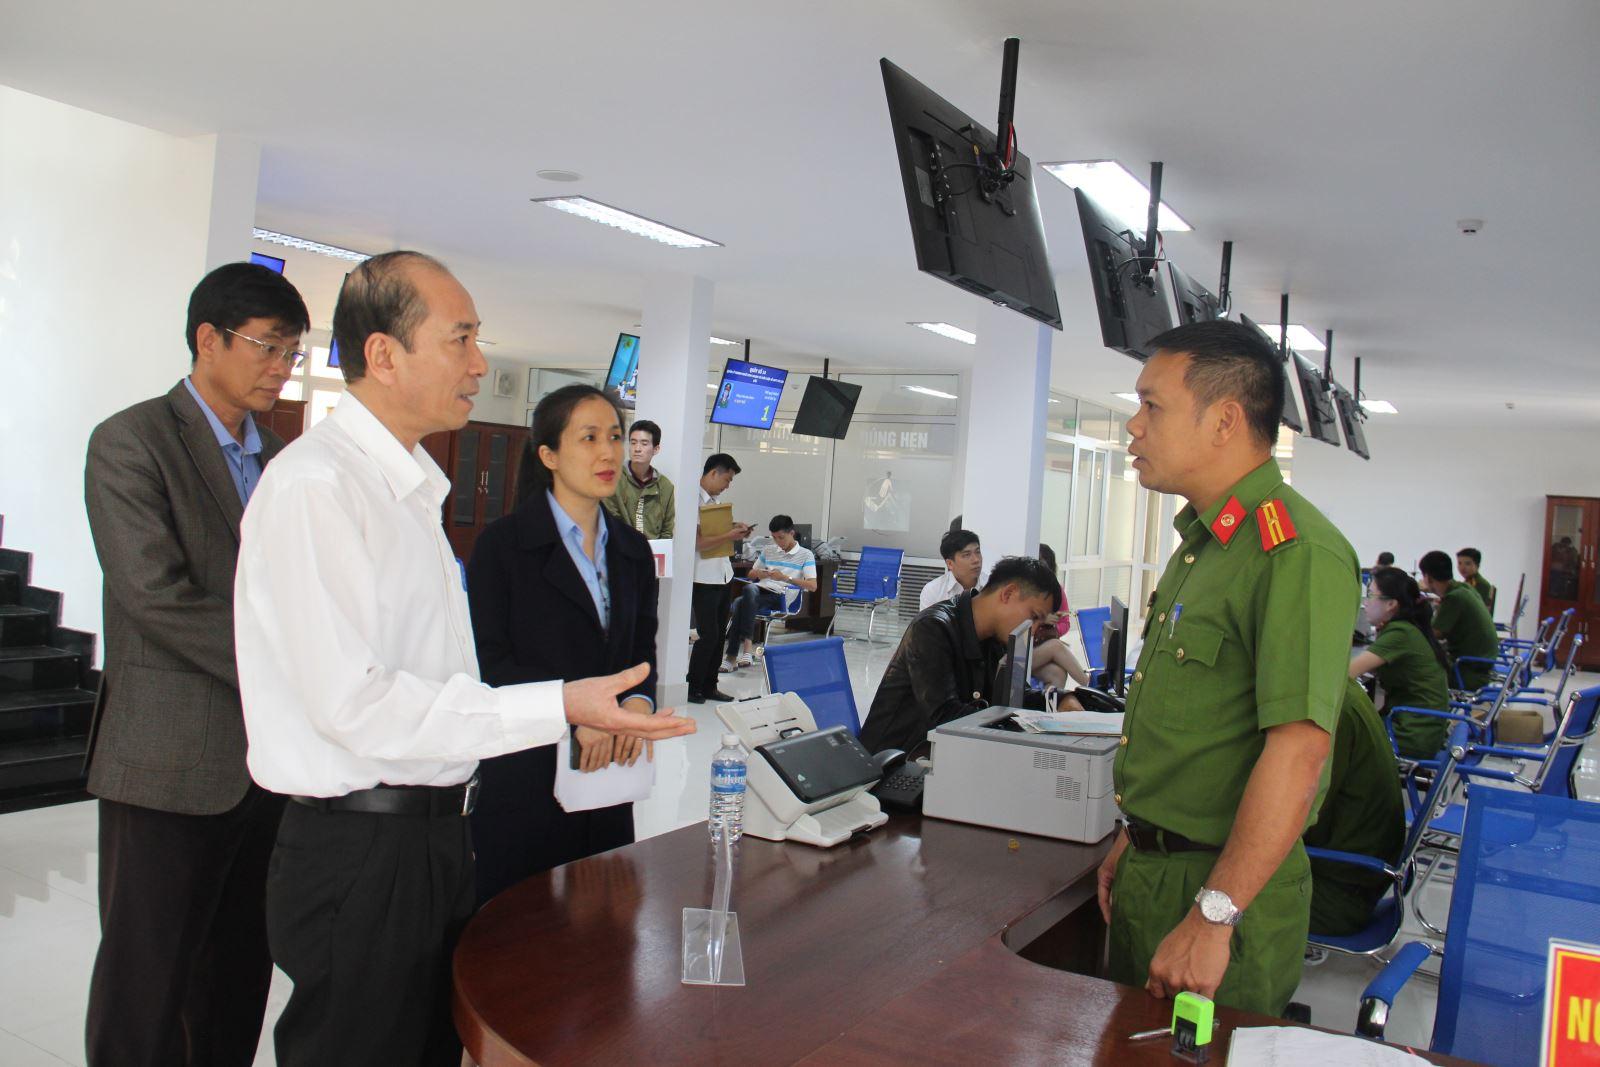 Nâng cao chỉ số cải cách hành chính và chỉ số hài lòng về sự phục vụ của cơ quan hành chính Nhà nước năm 2020